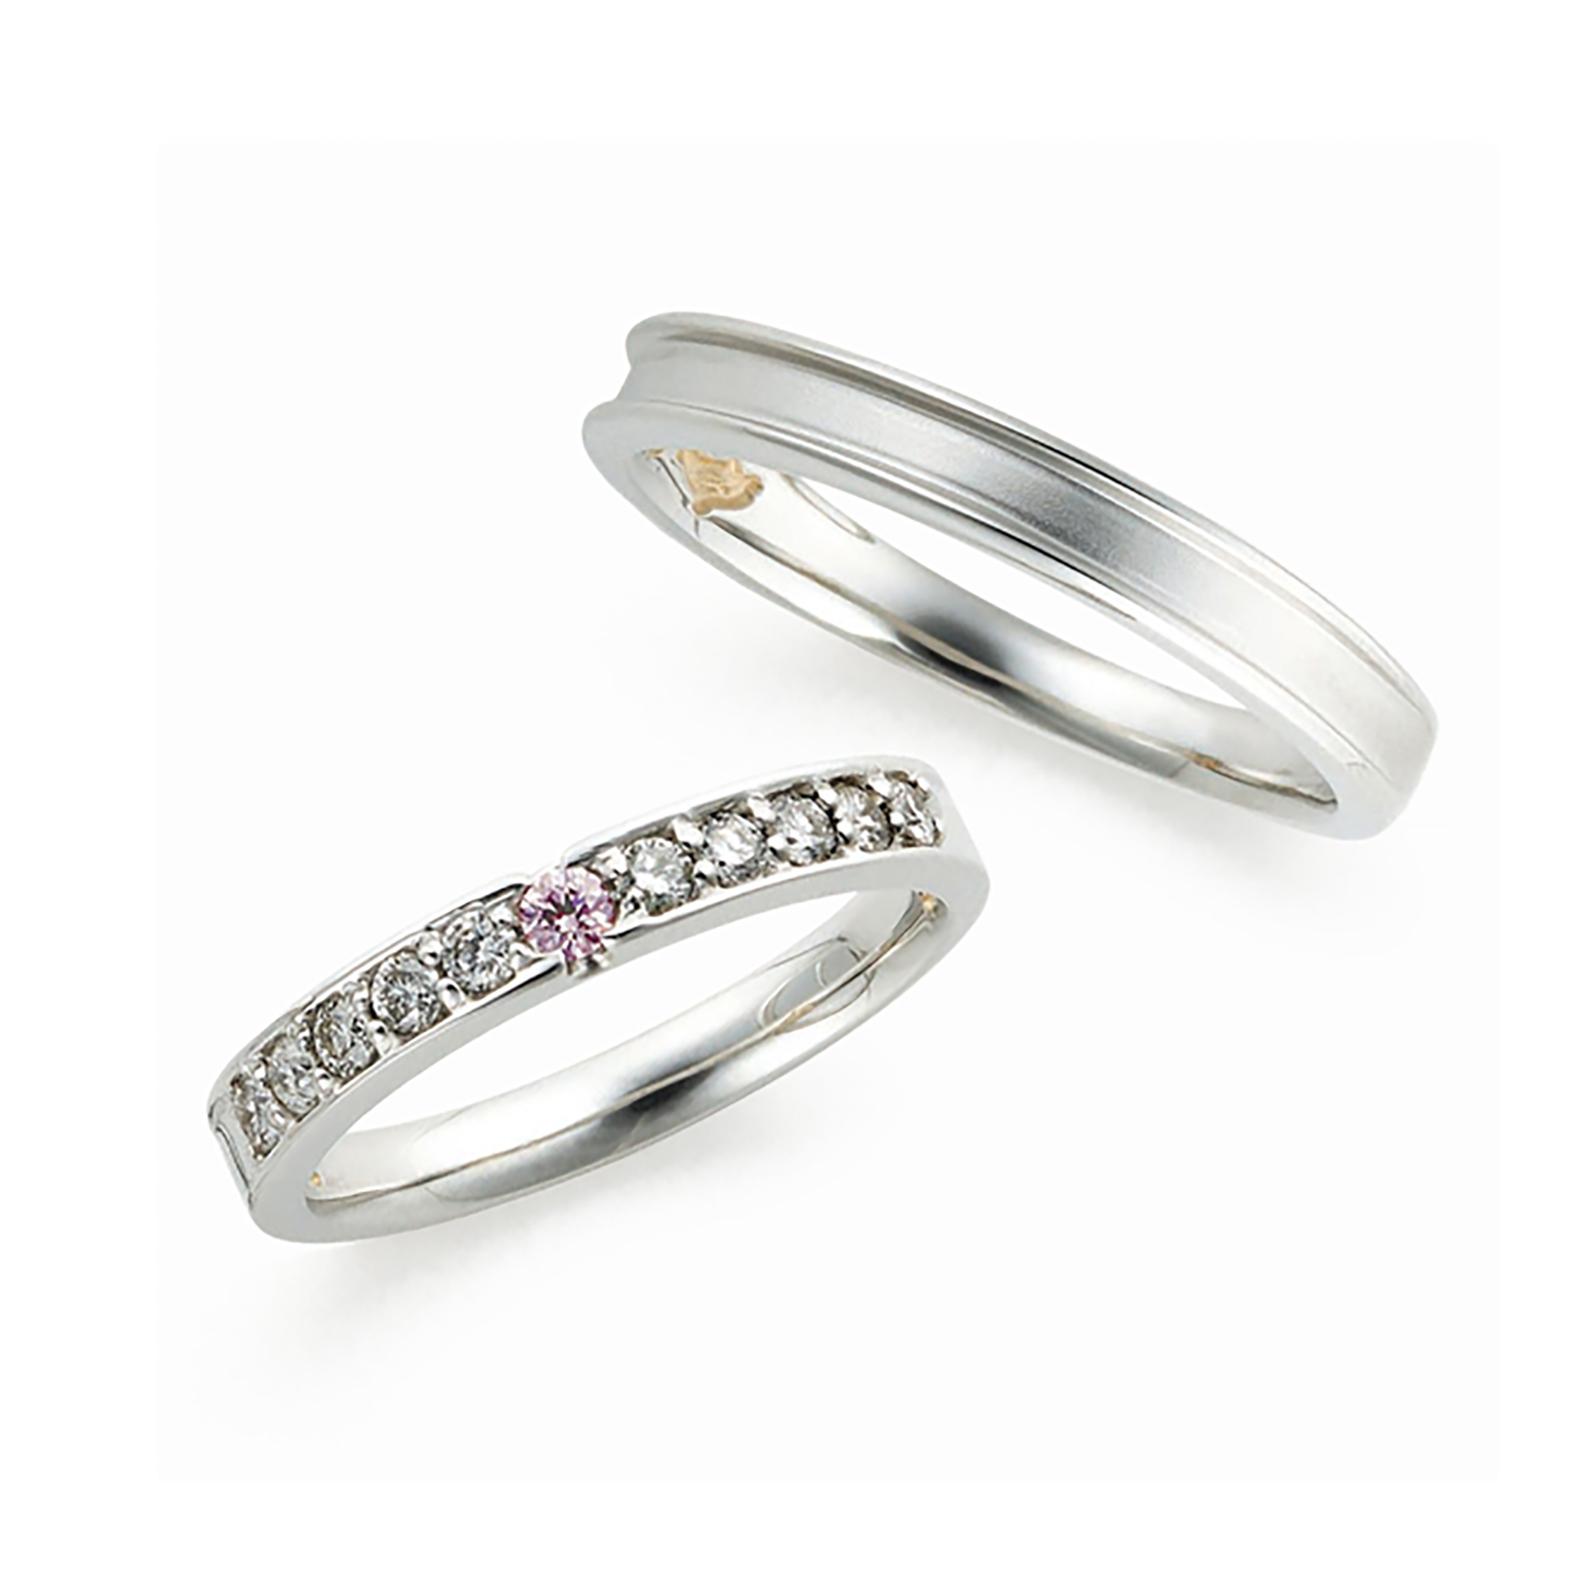 レディースにはやや大きめの天然ピンクダイヤモンド、ホワイトダイヤモンドが散りばめられたゴージャスな結婚指輪(マリッジリング)メンズも段差になっていてカッコいいデザインです。